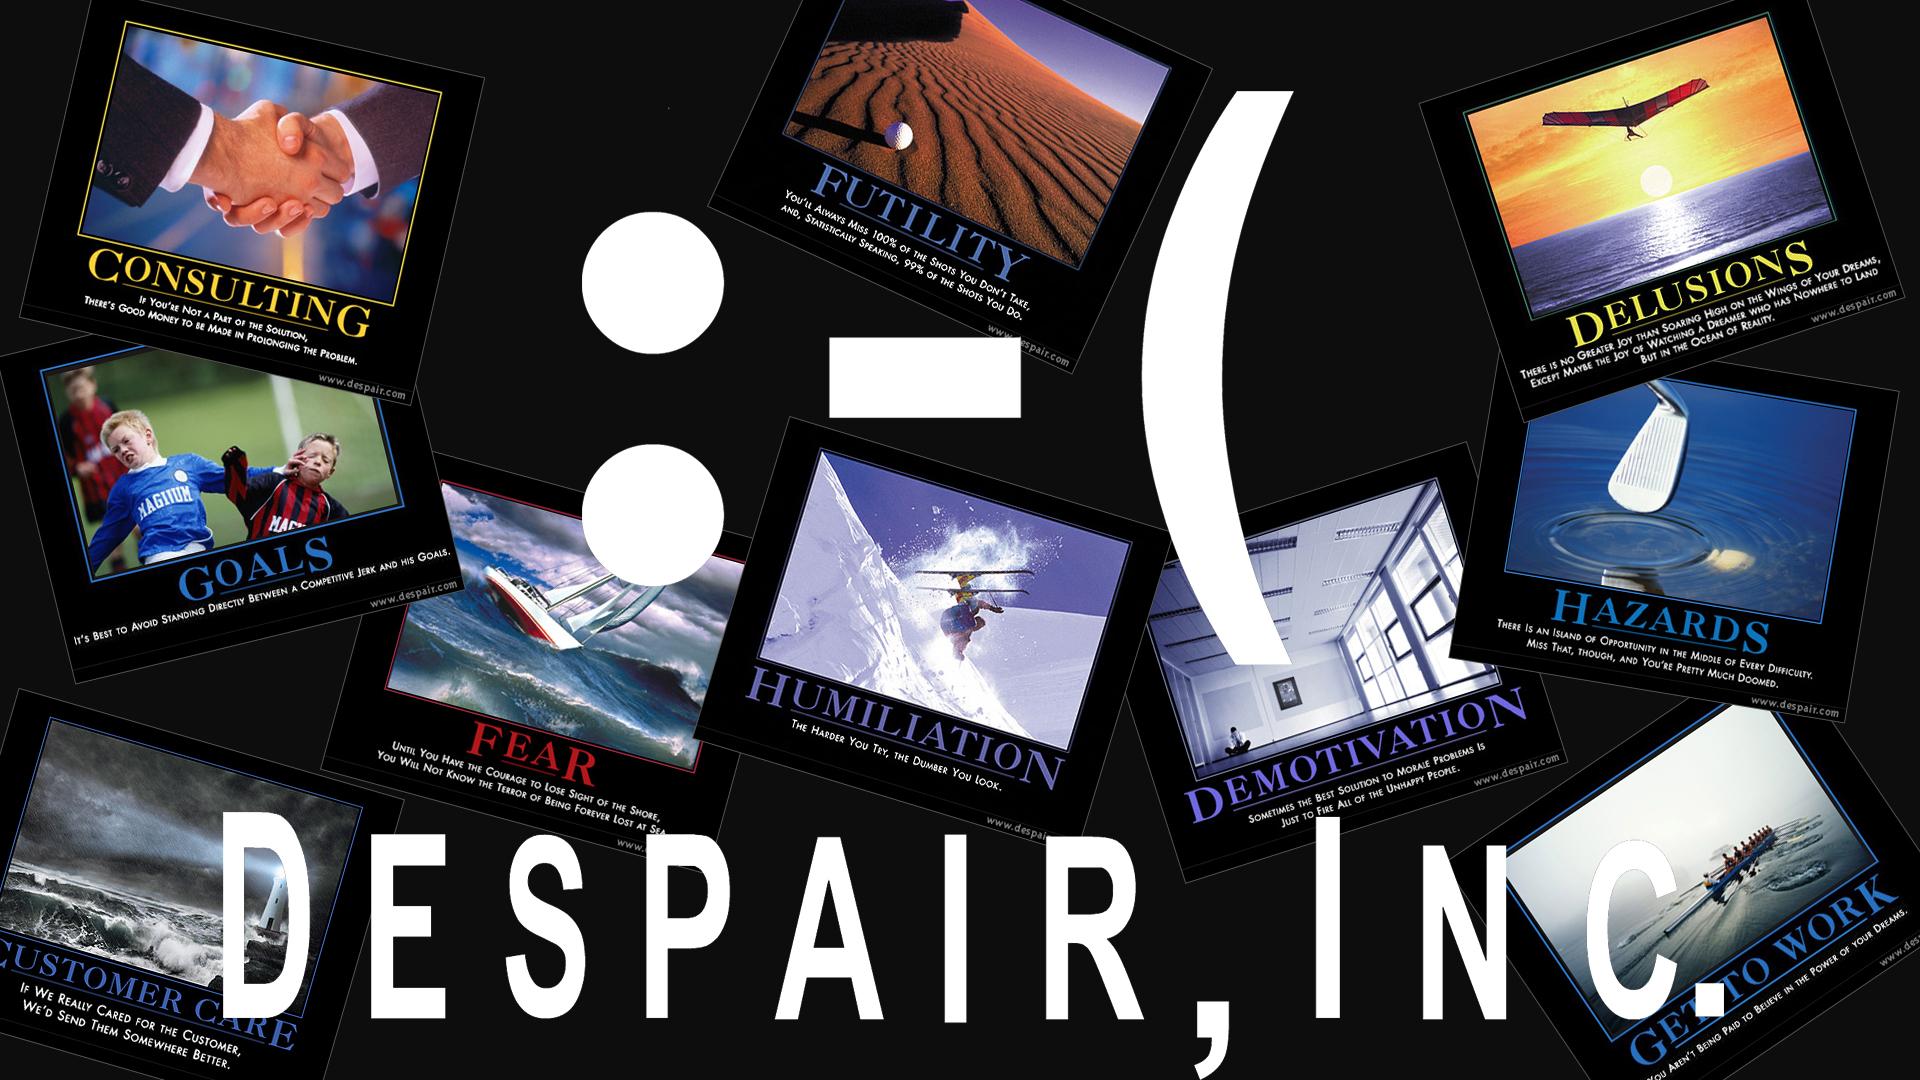 Despair collage 4 by grubygrub